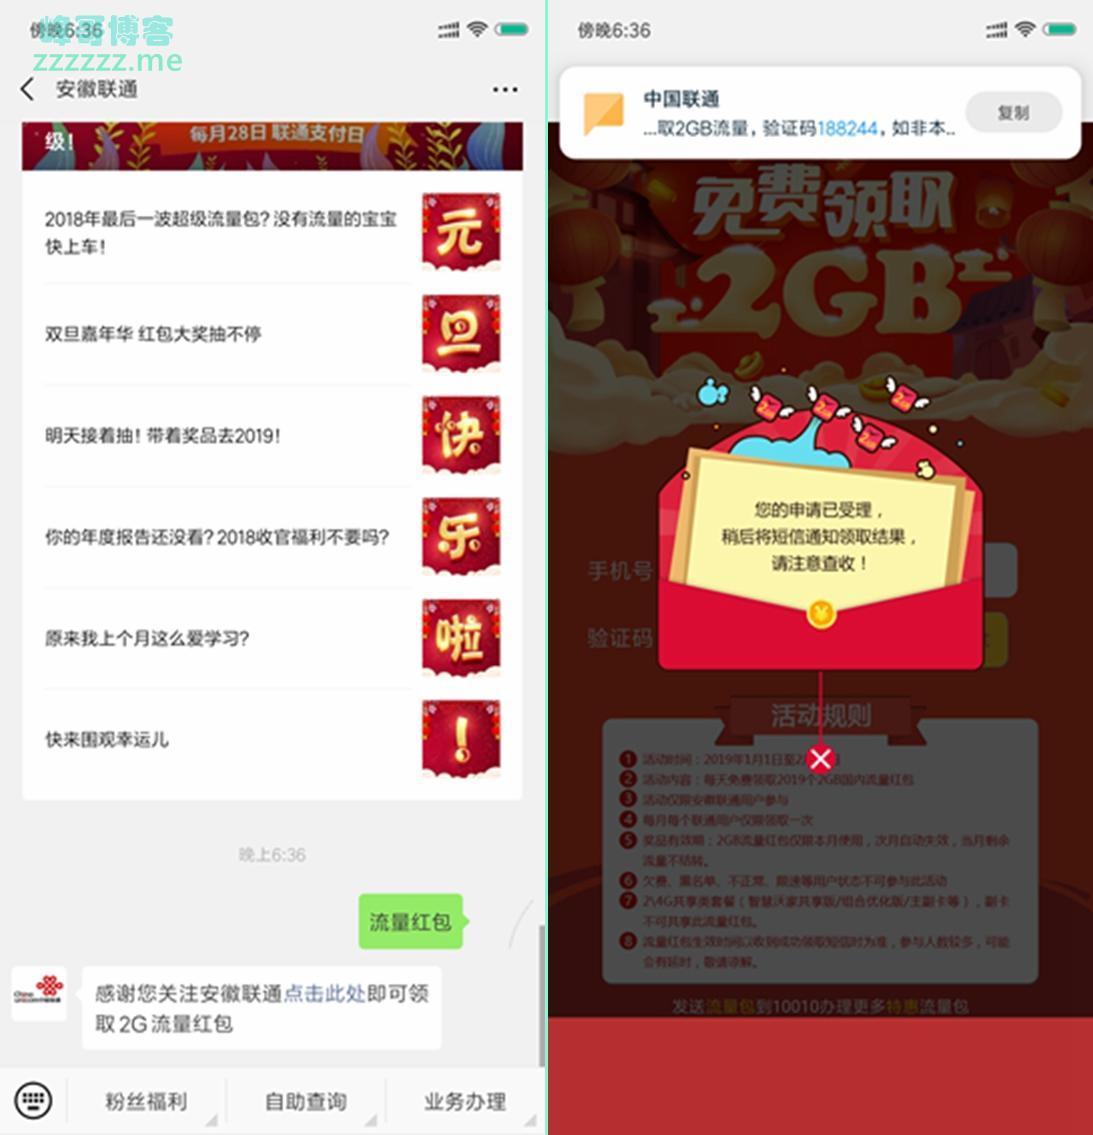 微信安徽联通活动免费领取2G国内流量月包!